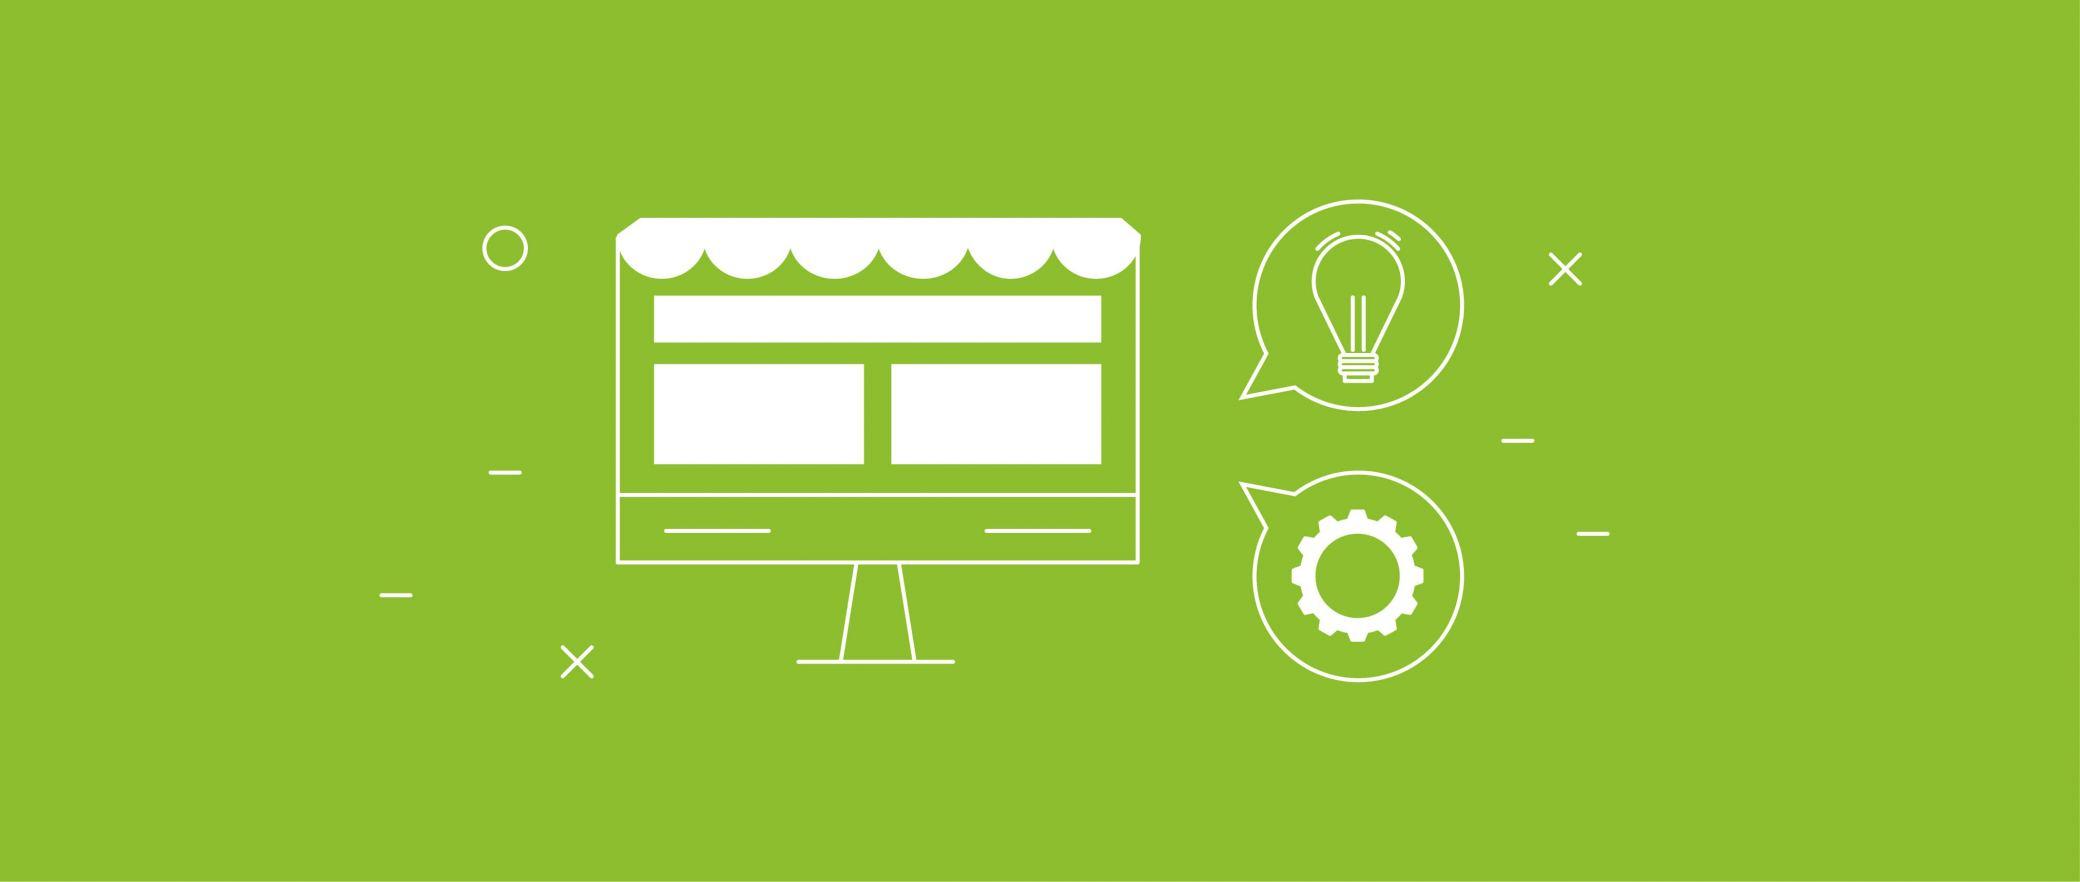 I migliori e-commerce da cui trarre ispirazione per creare un negozio perfetto